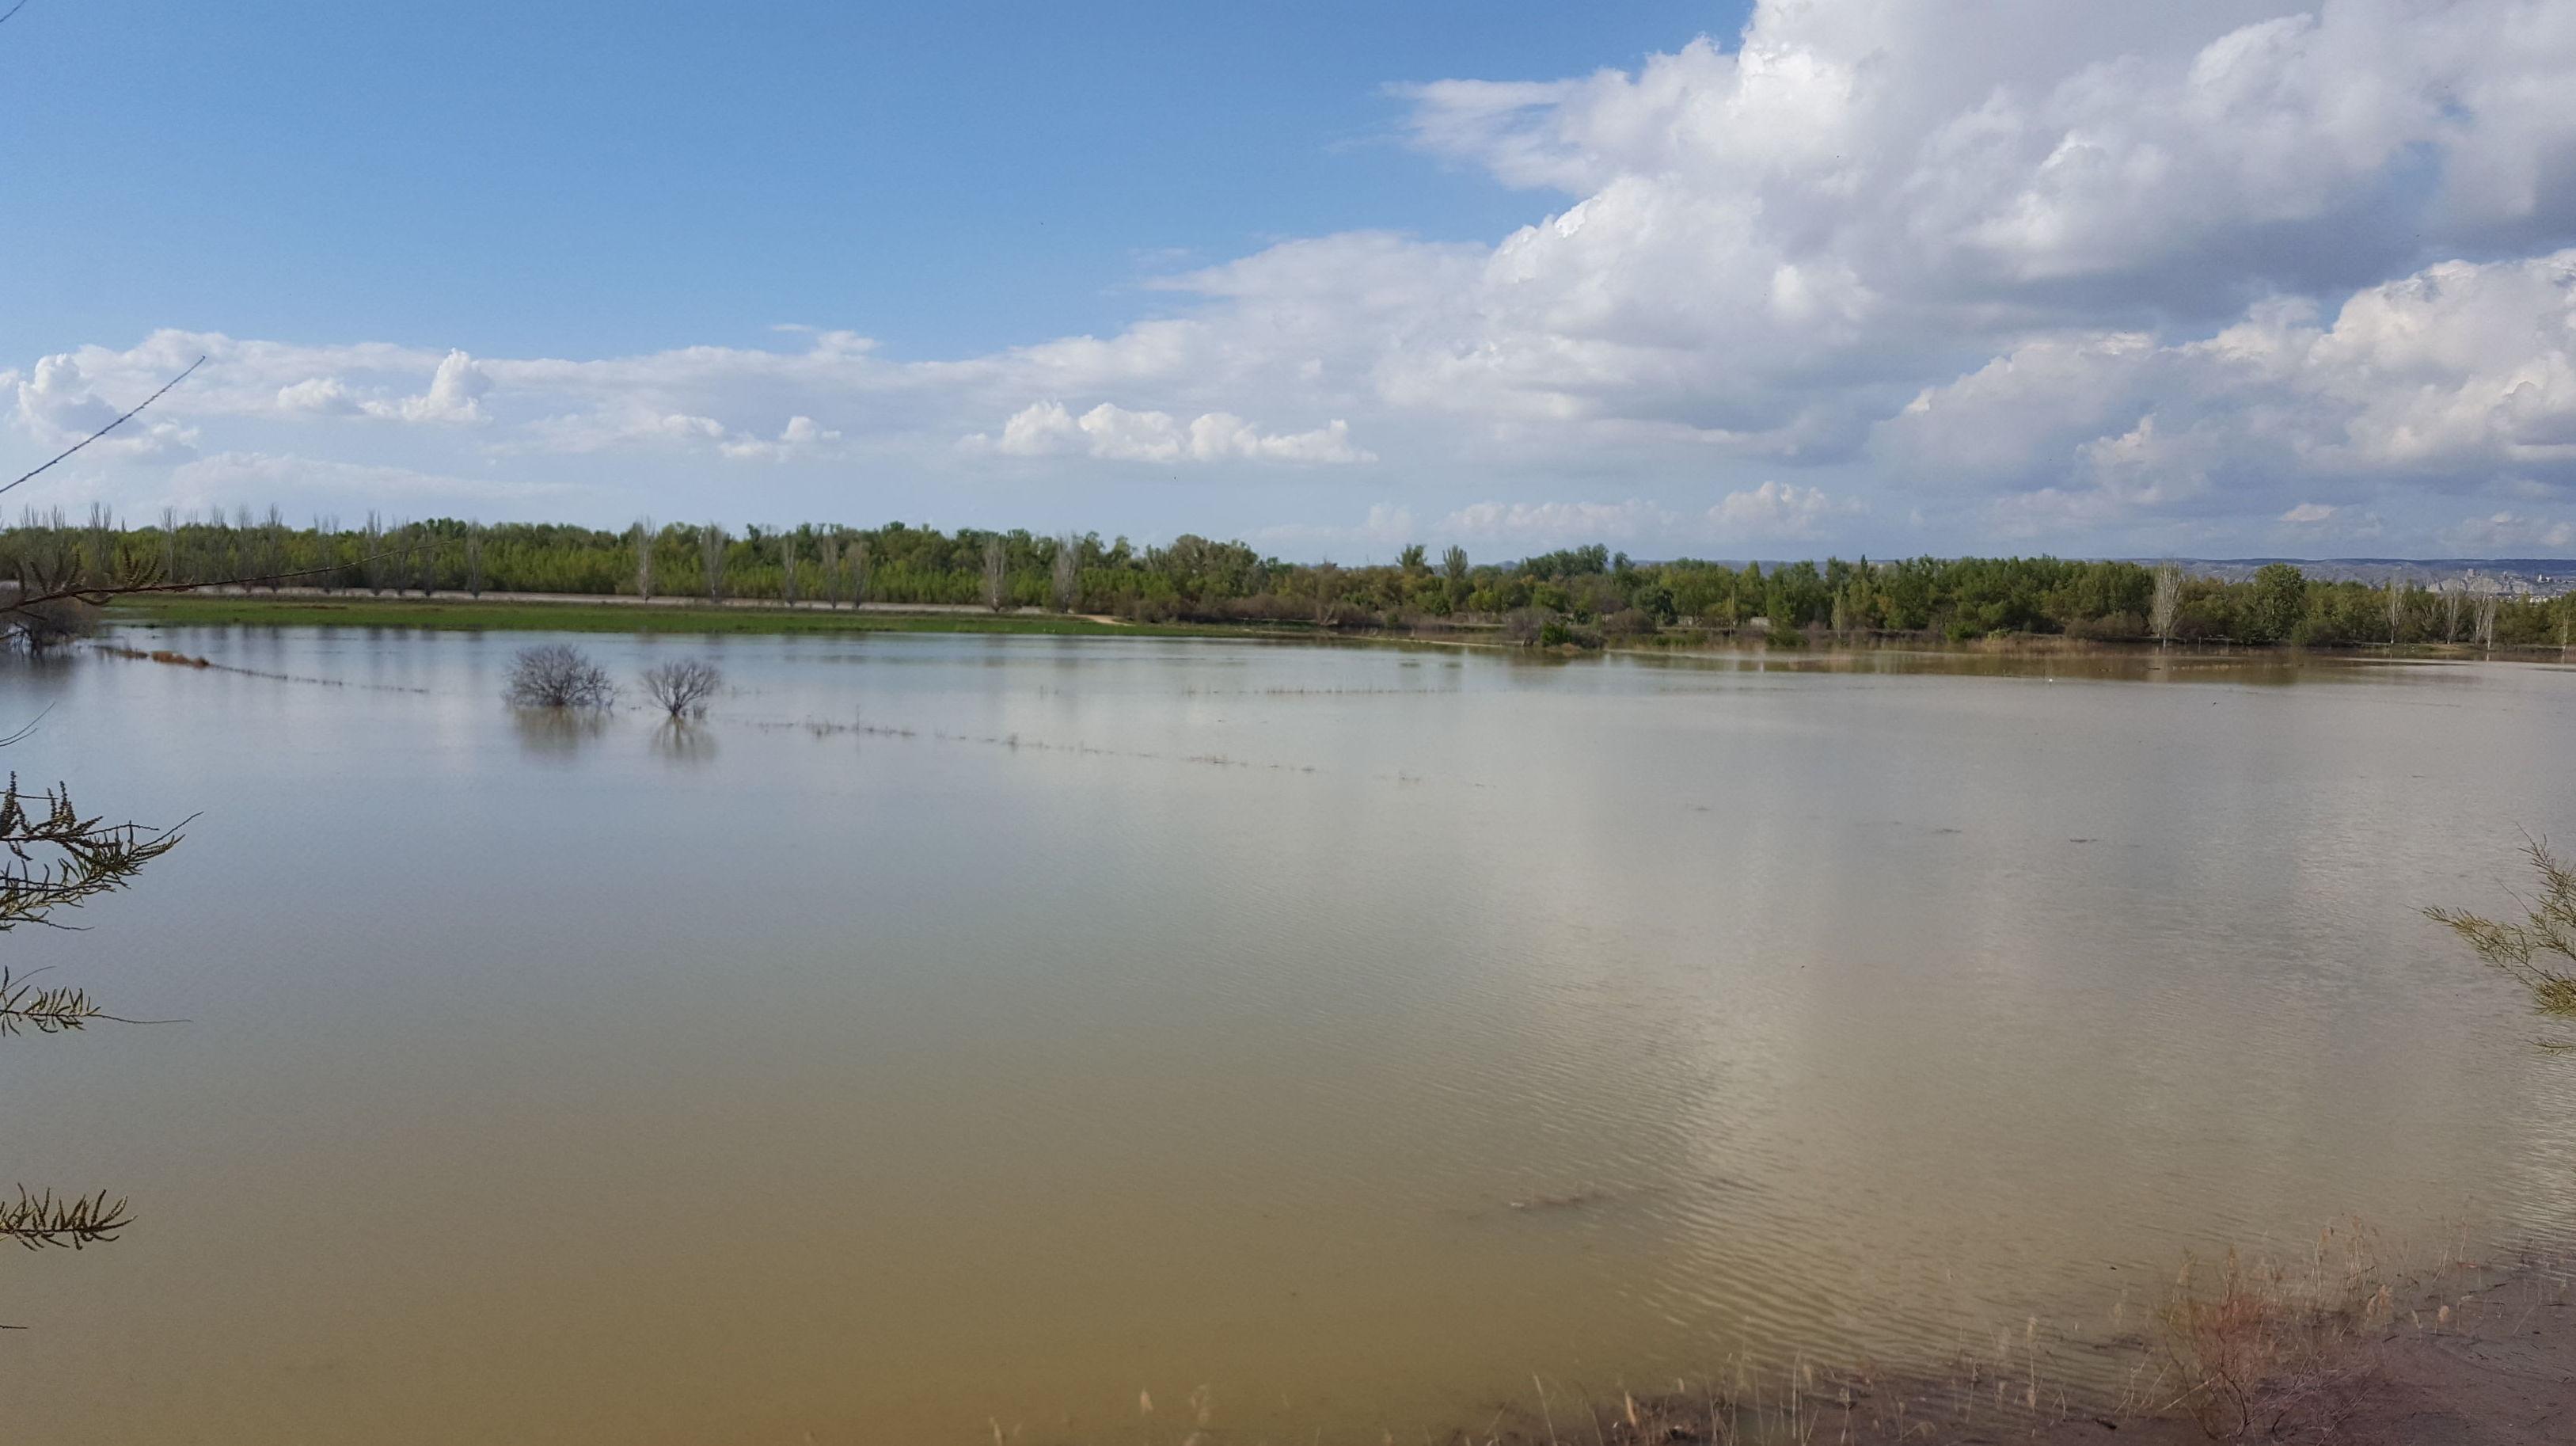 Avenida Ebro 2018. Valoración de daños por inundaciones. Asesores Rifaterra